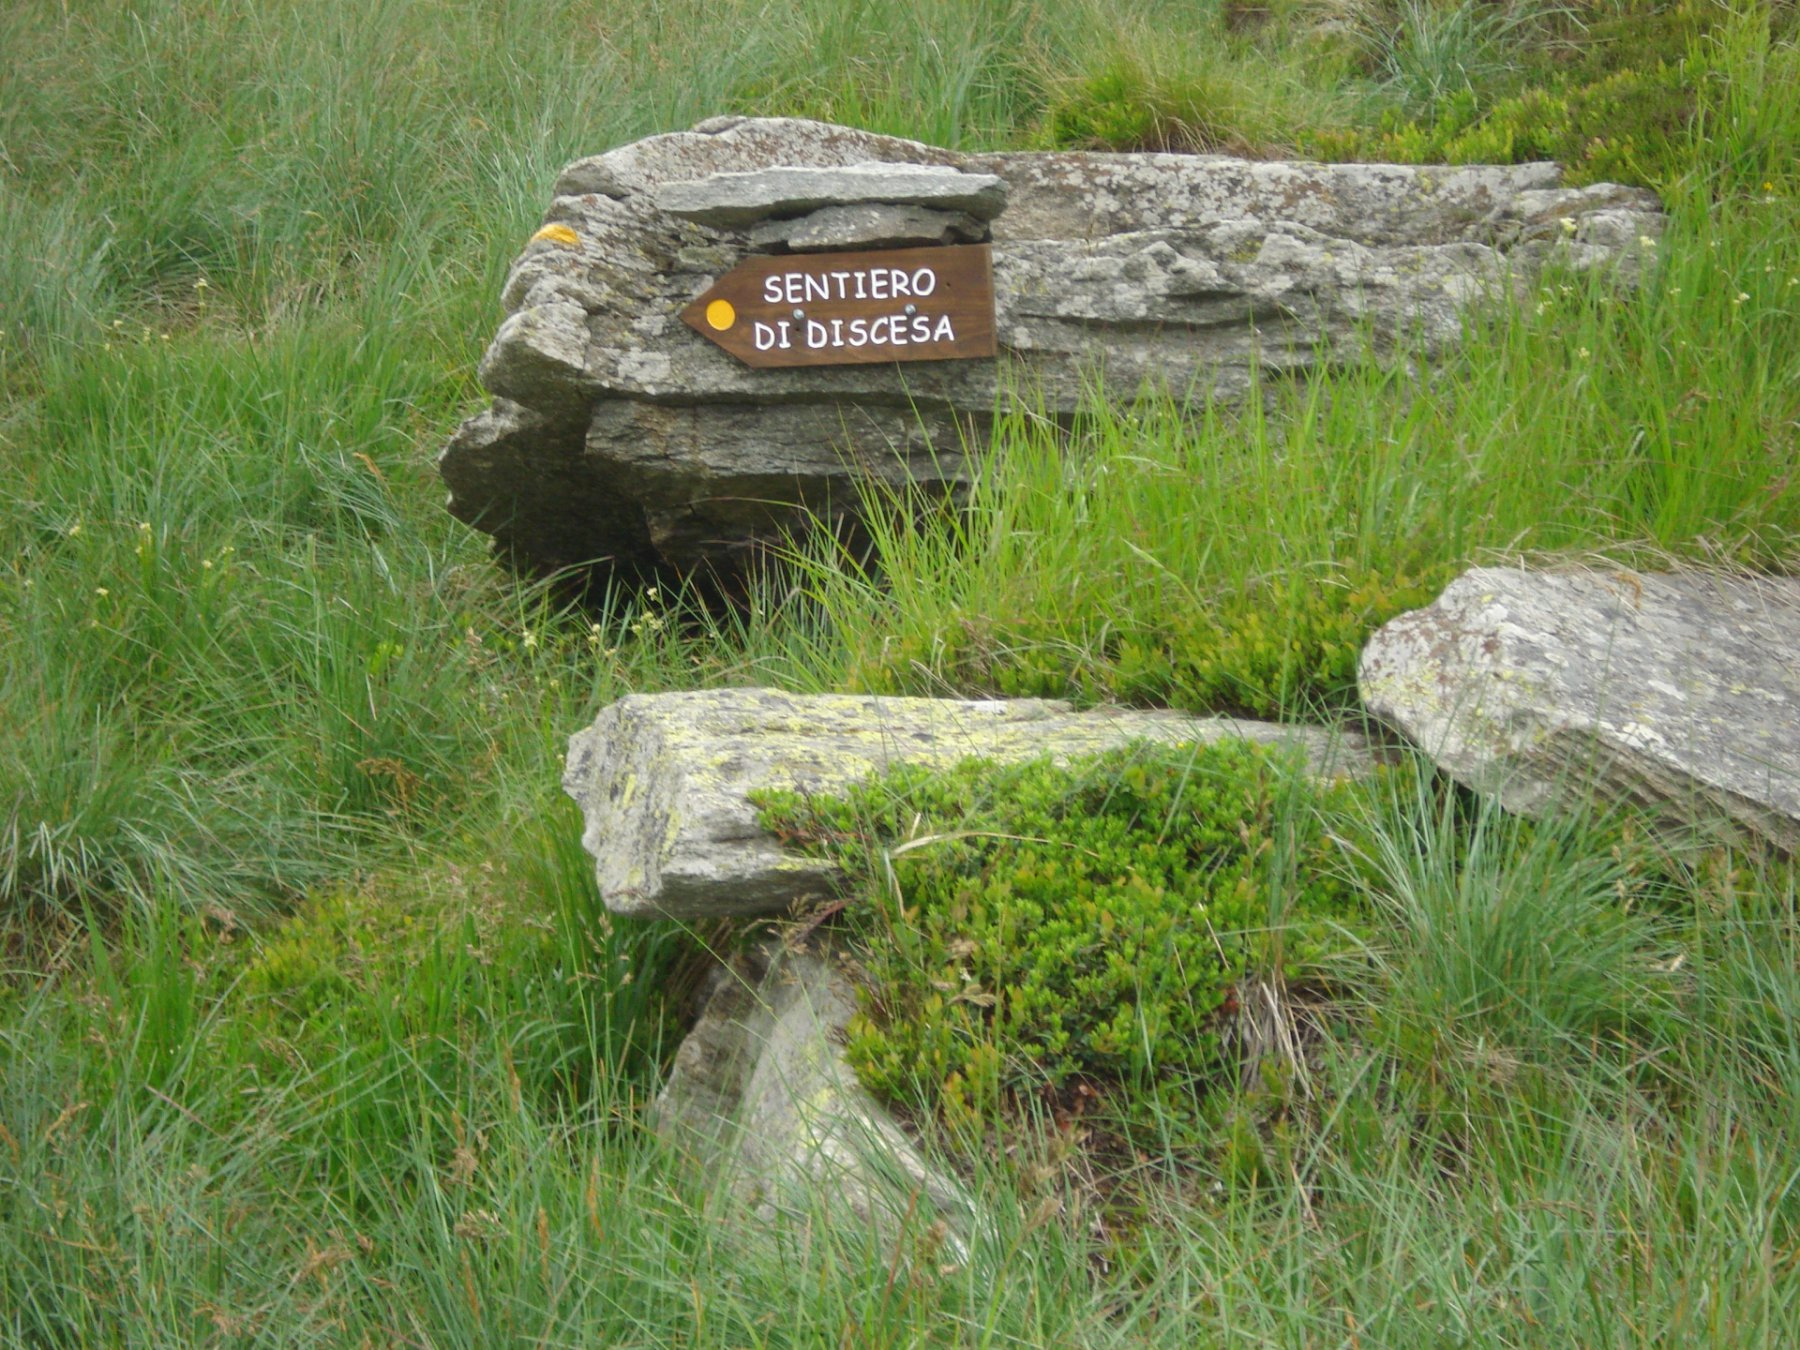 oppure.. ..se non si vuole scendere in doppia,  superando ancora qualche gradino di roccia,  si giunge sui prati sommitali  dove si scorgono le indicazioni per la discesa a piedi sulla destra orografica della parete..